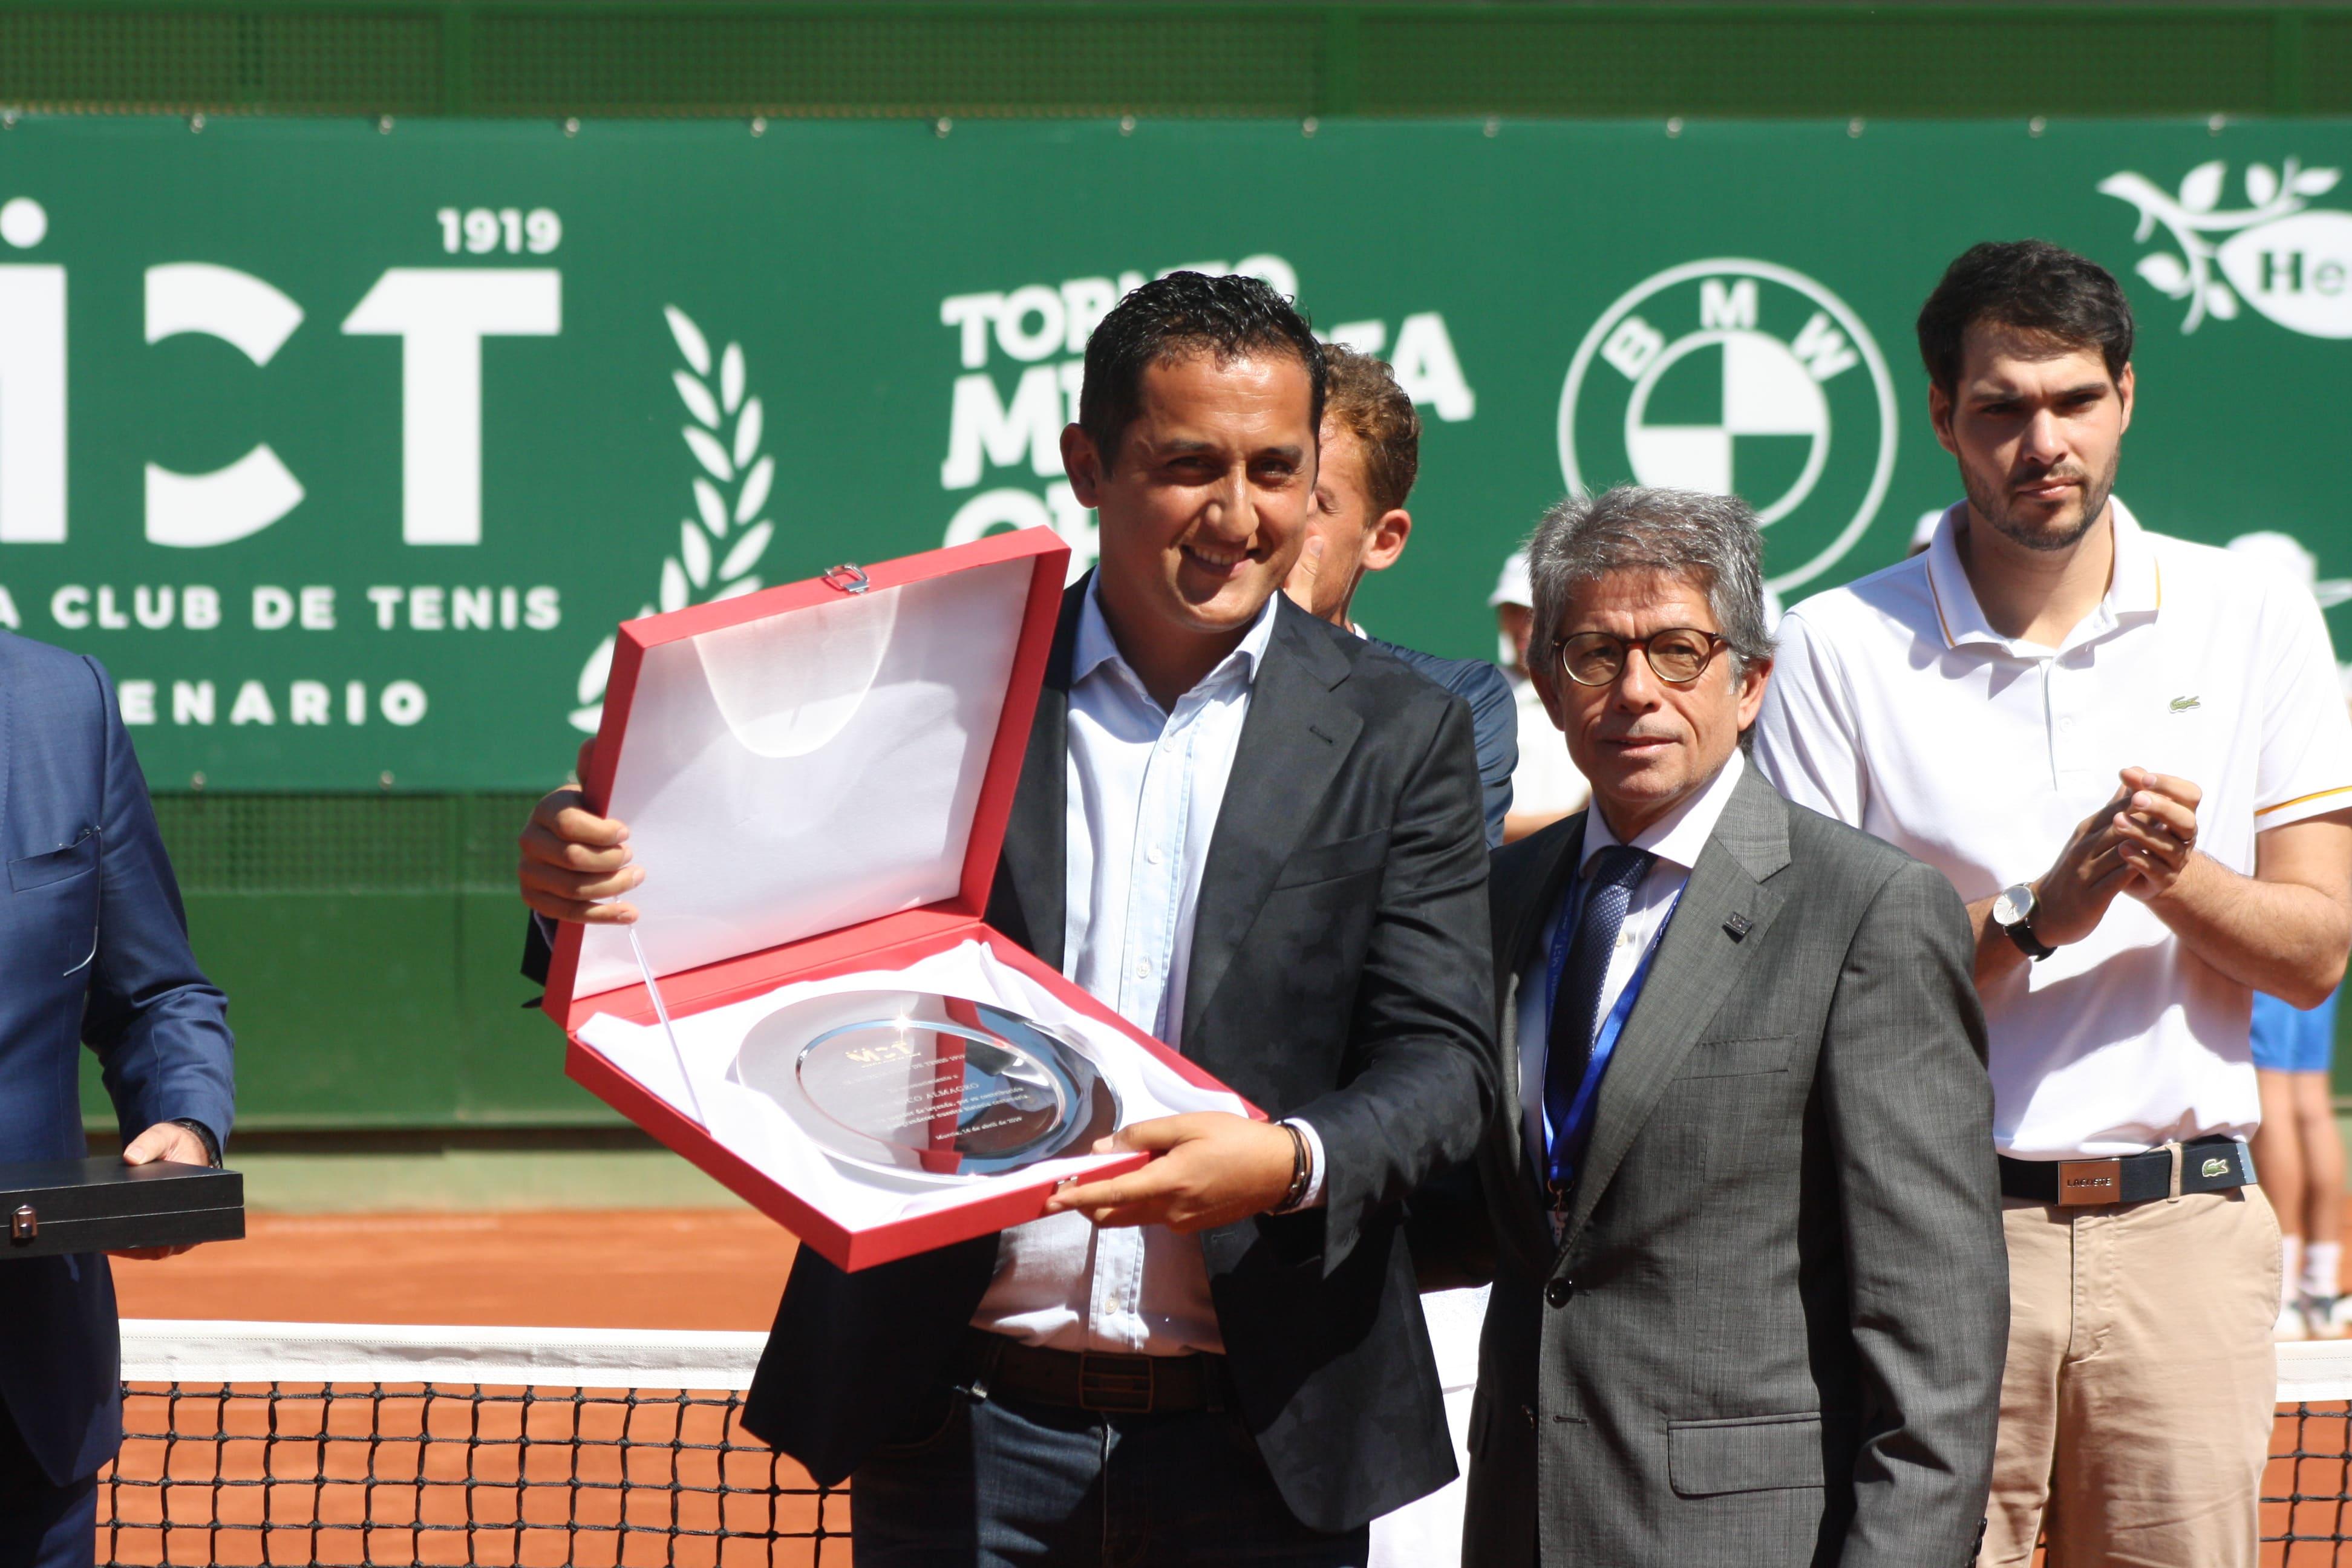 El RMCT 1919 y la RFET homenajearon a Nico Almagro por su despedida en el I Murcia Open Challenger ATP.